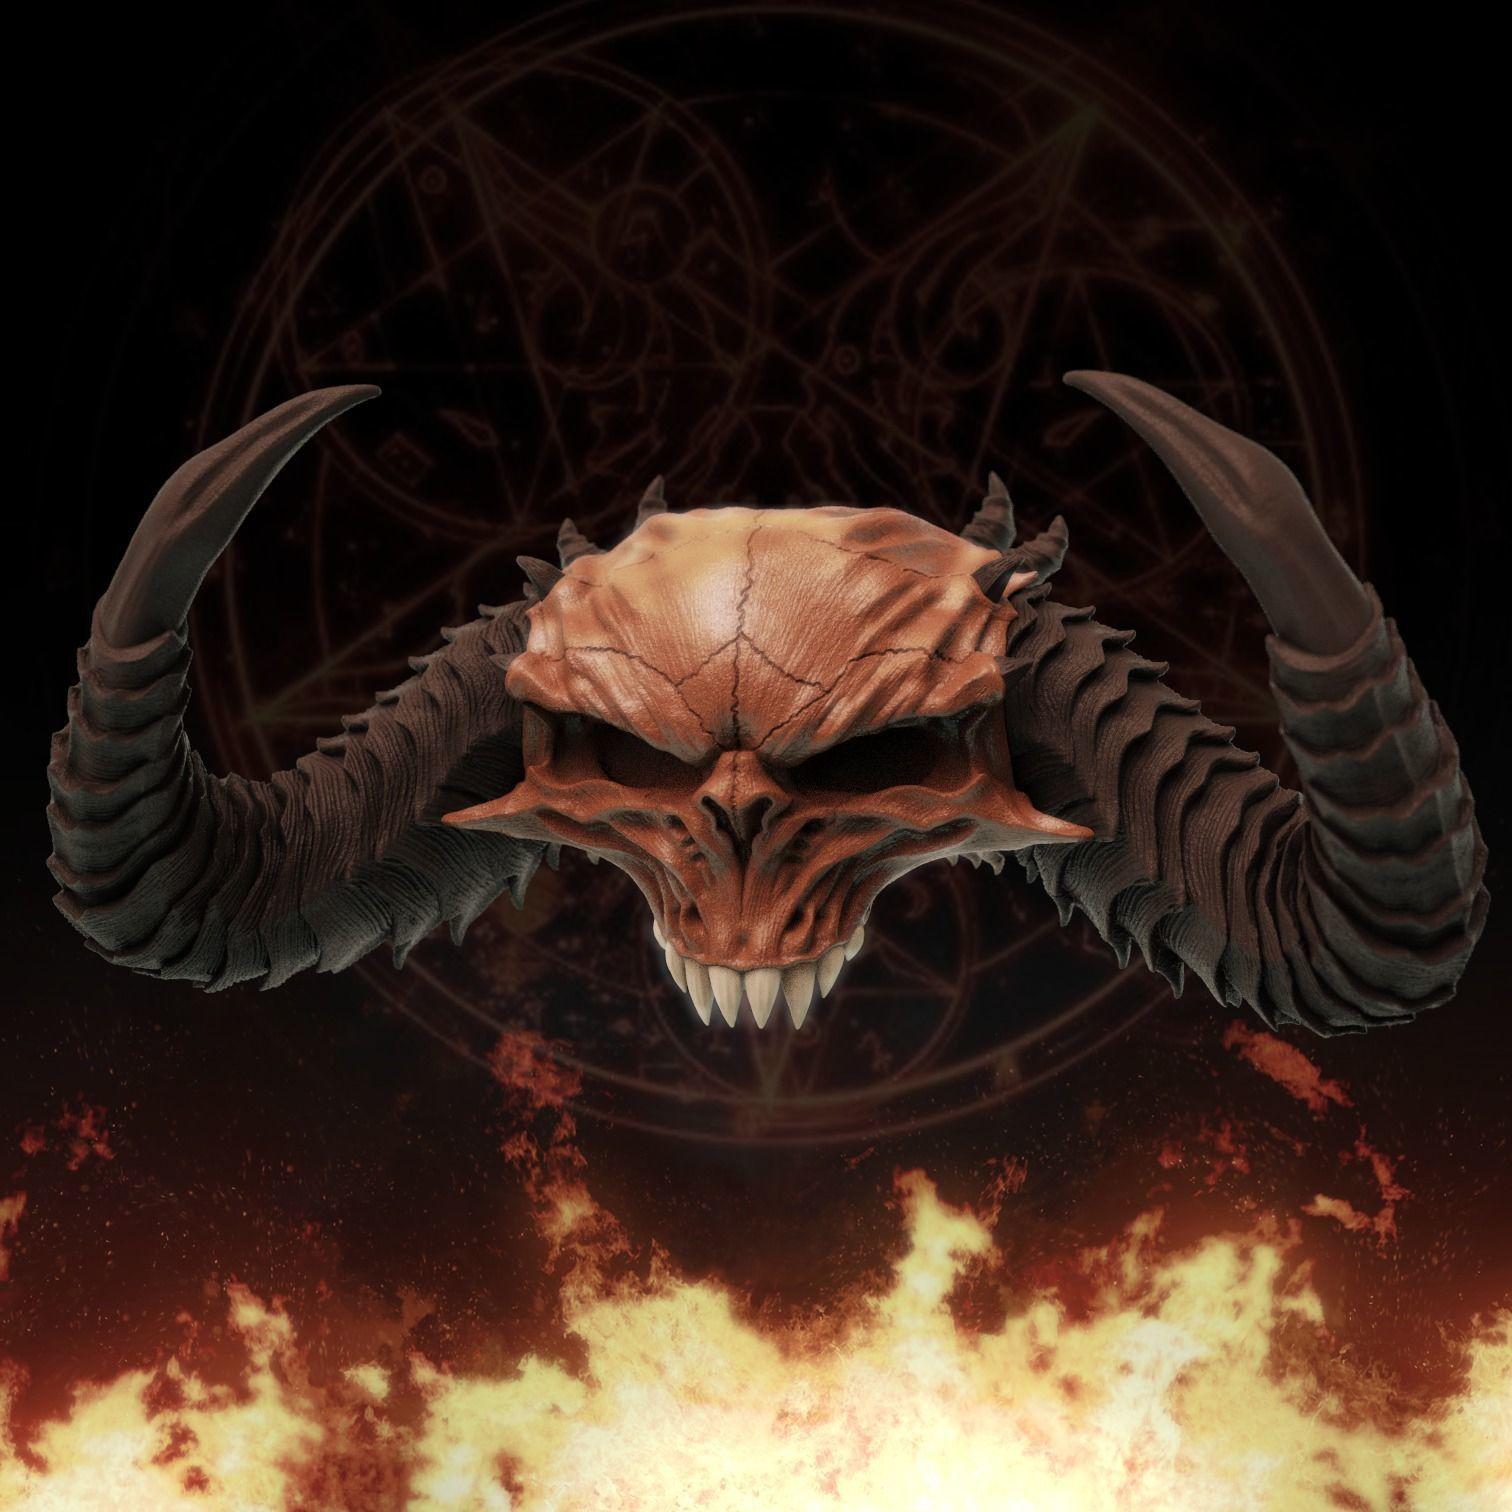 Diablo Skull - Diablo 2 and IV